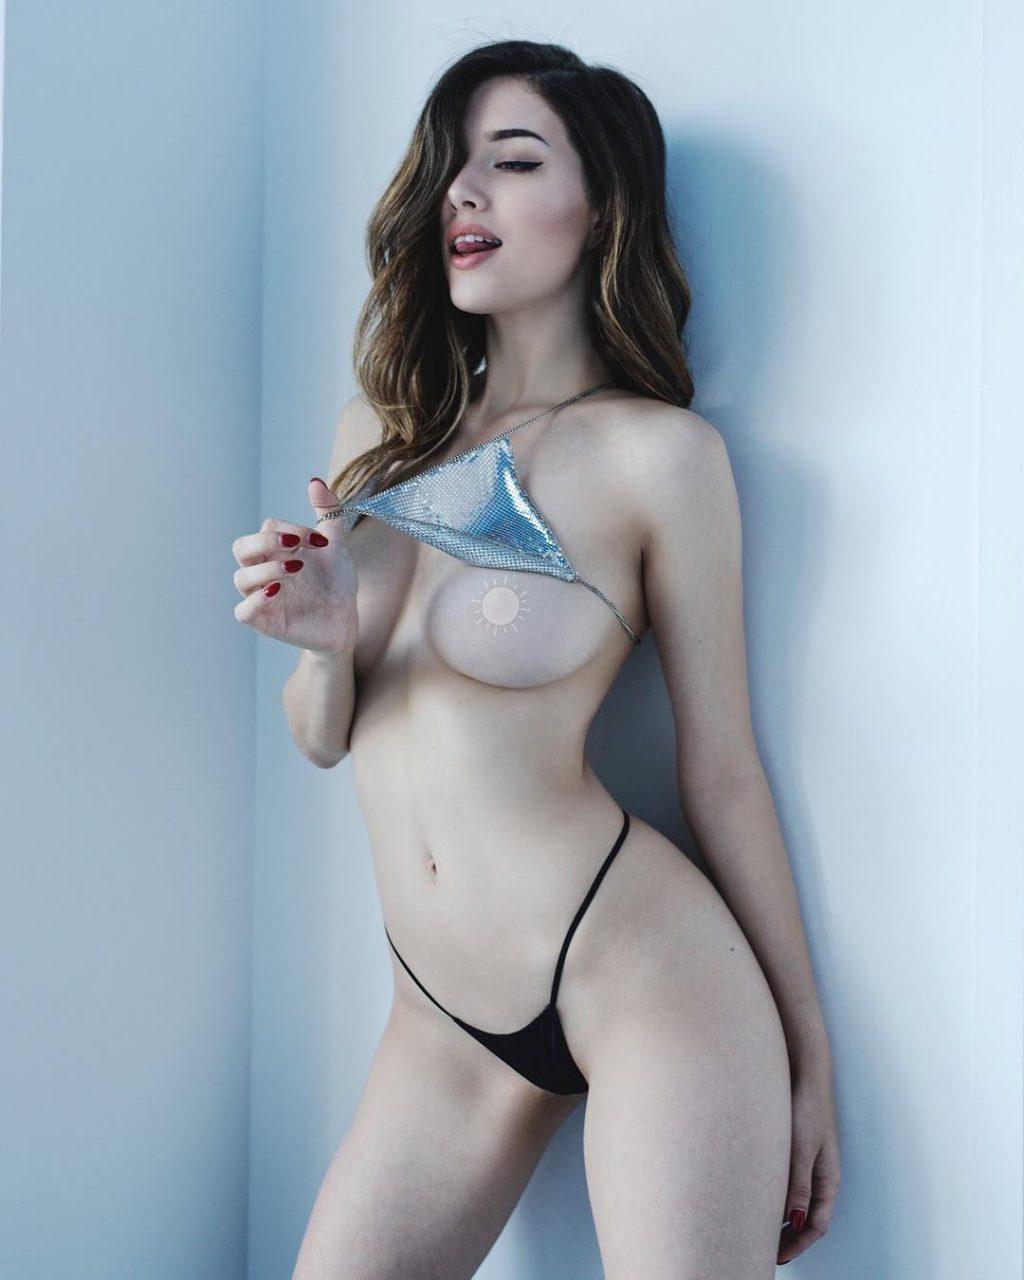 Cathrin taylor porn